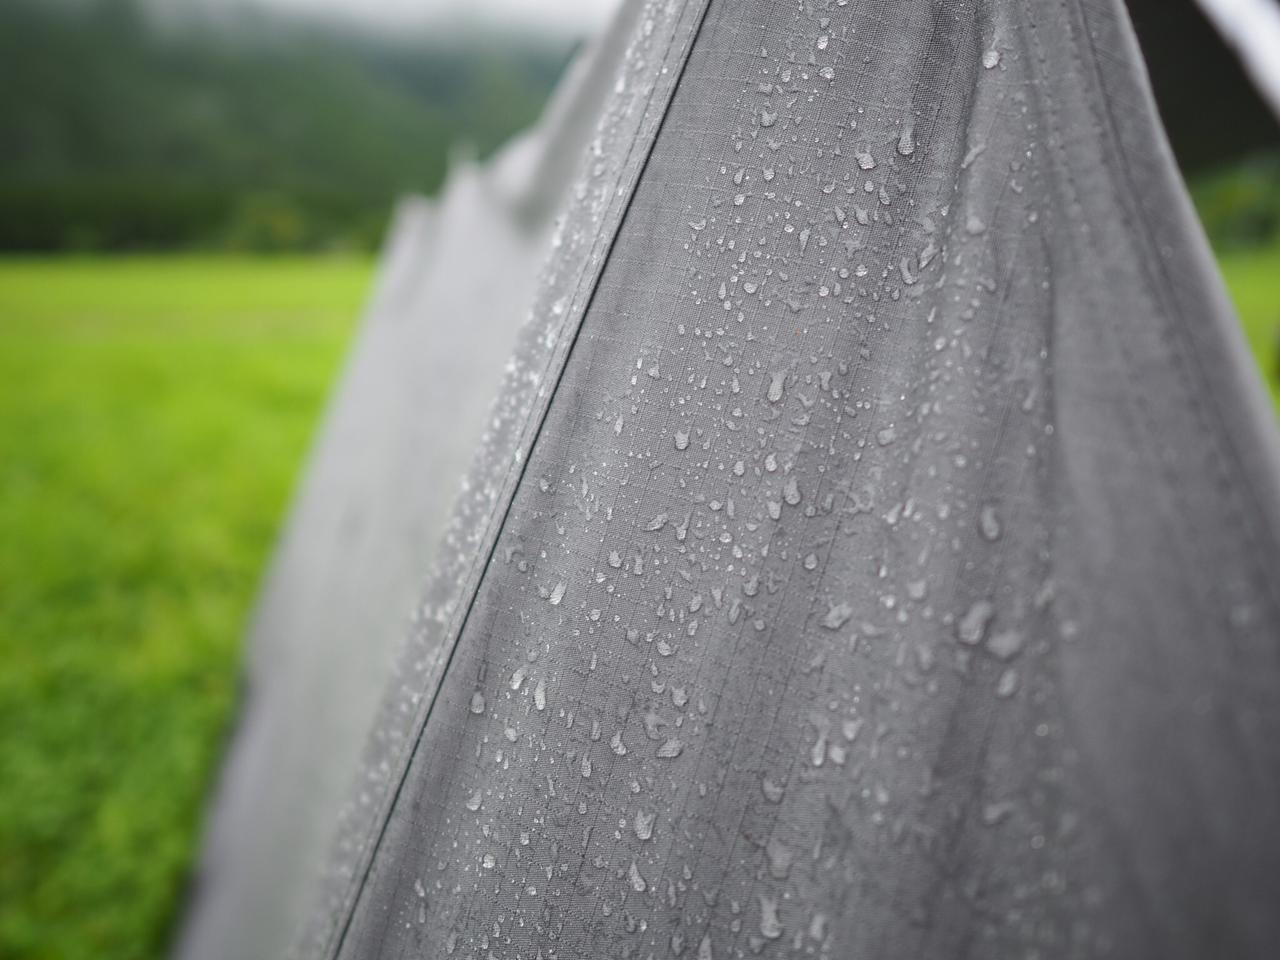 画像: 【エコバッグの活用法②】グランドシートやブルーシート用に! 汚れや水濡れに強い素材を選ぼう